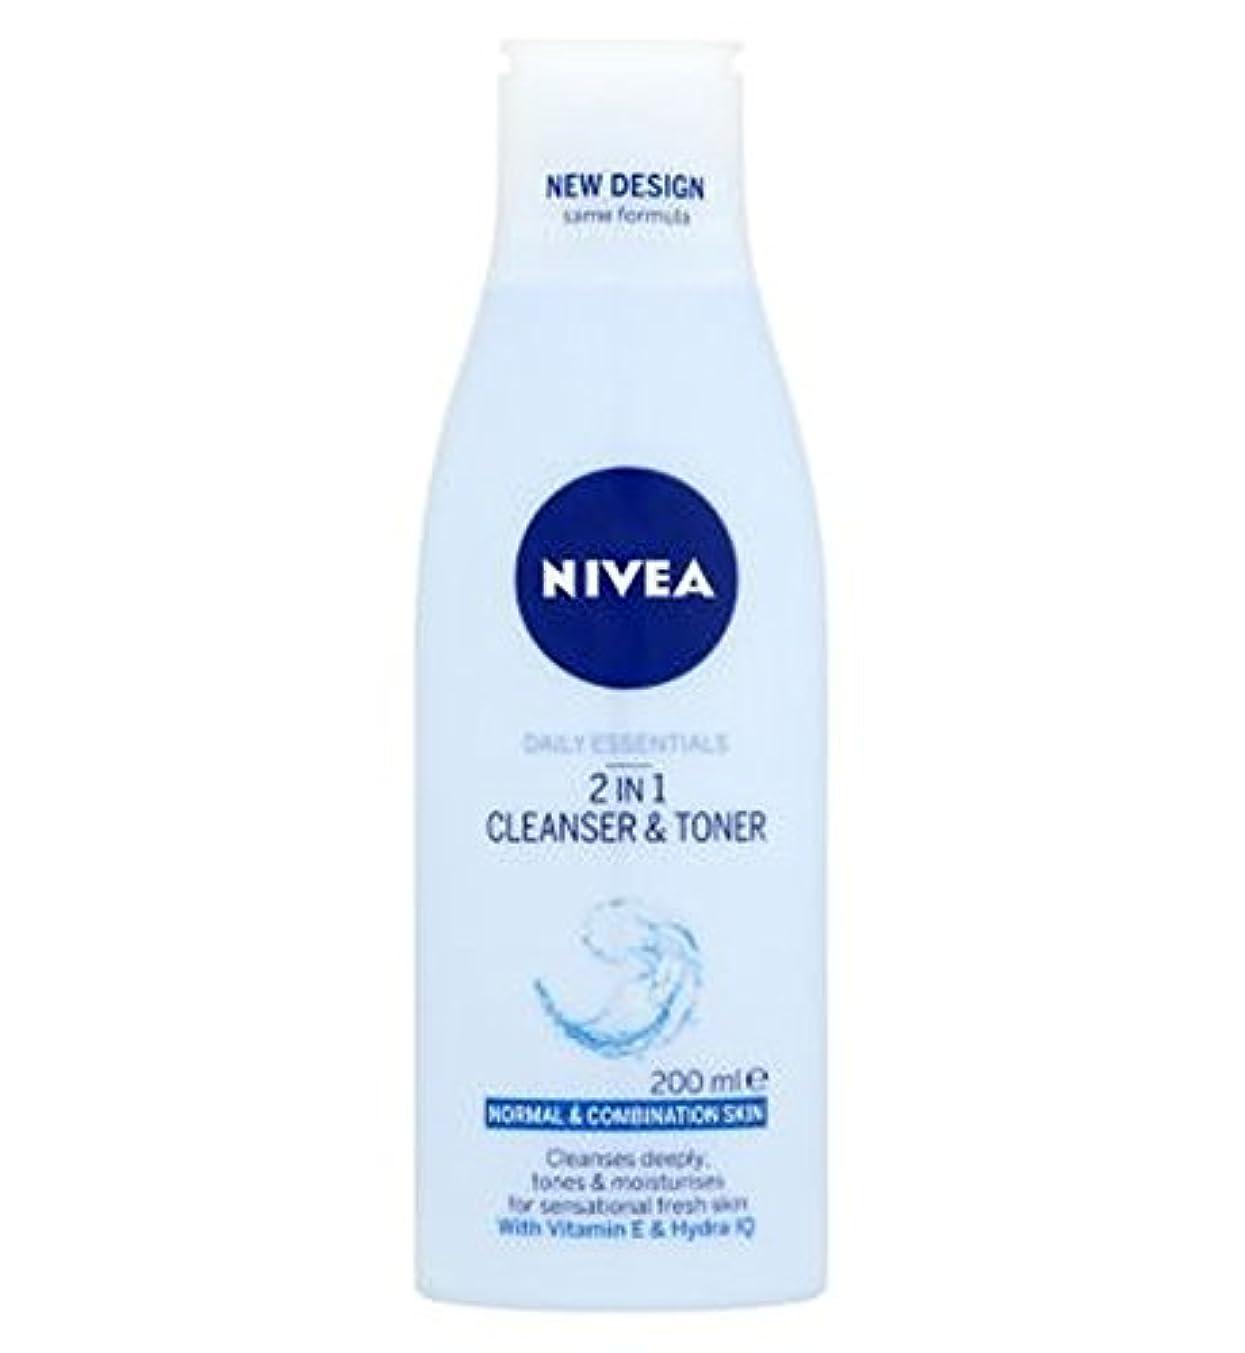 配偶者記録パテNivea Daily Essentials 2 in 1 Cleanser and Toner 200ml - ニベア生活必需品2 1クレンザーとトナー200ミリリットルで (Nivea) [並行輸入品]